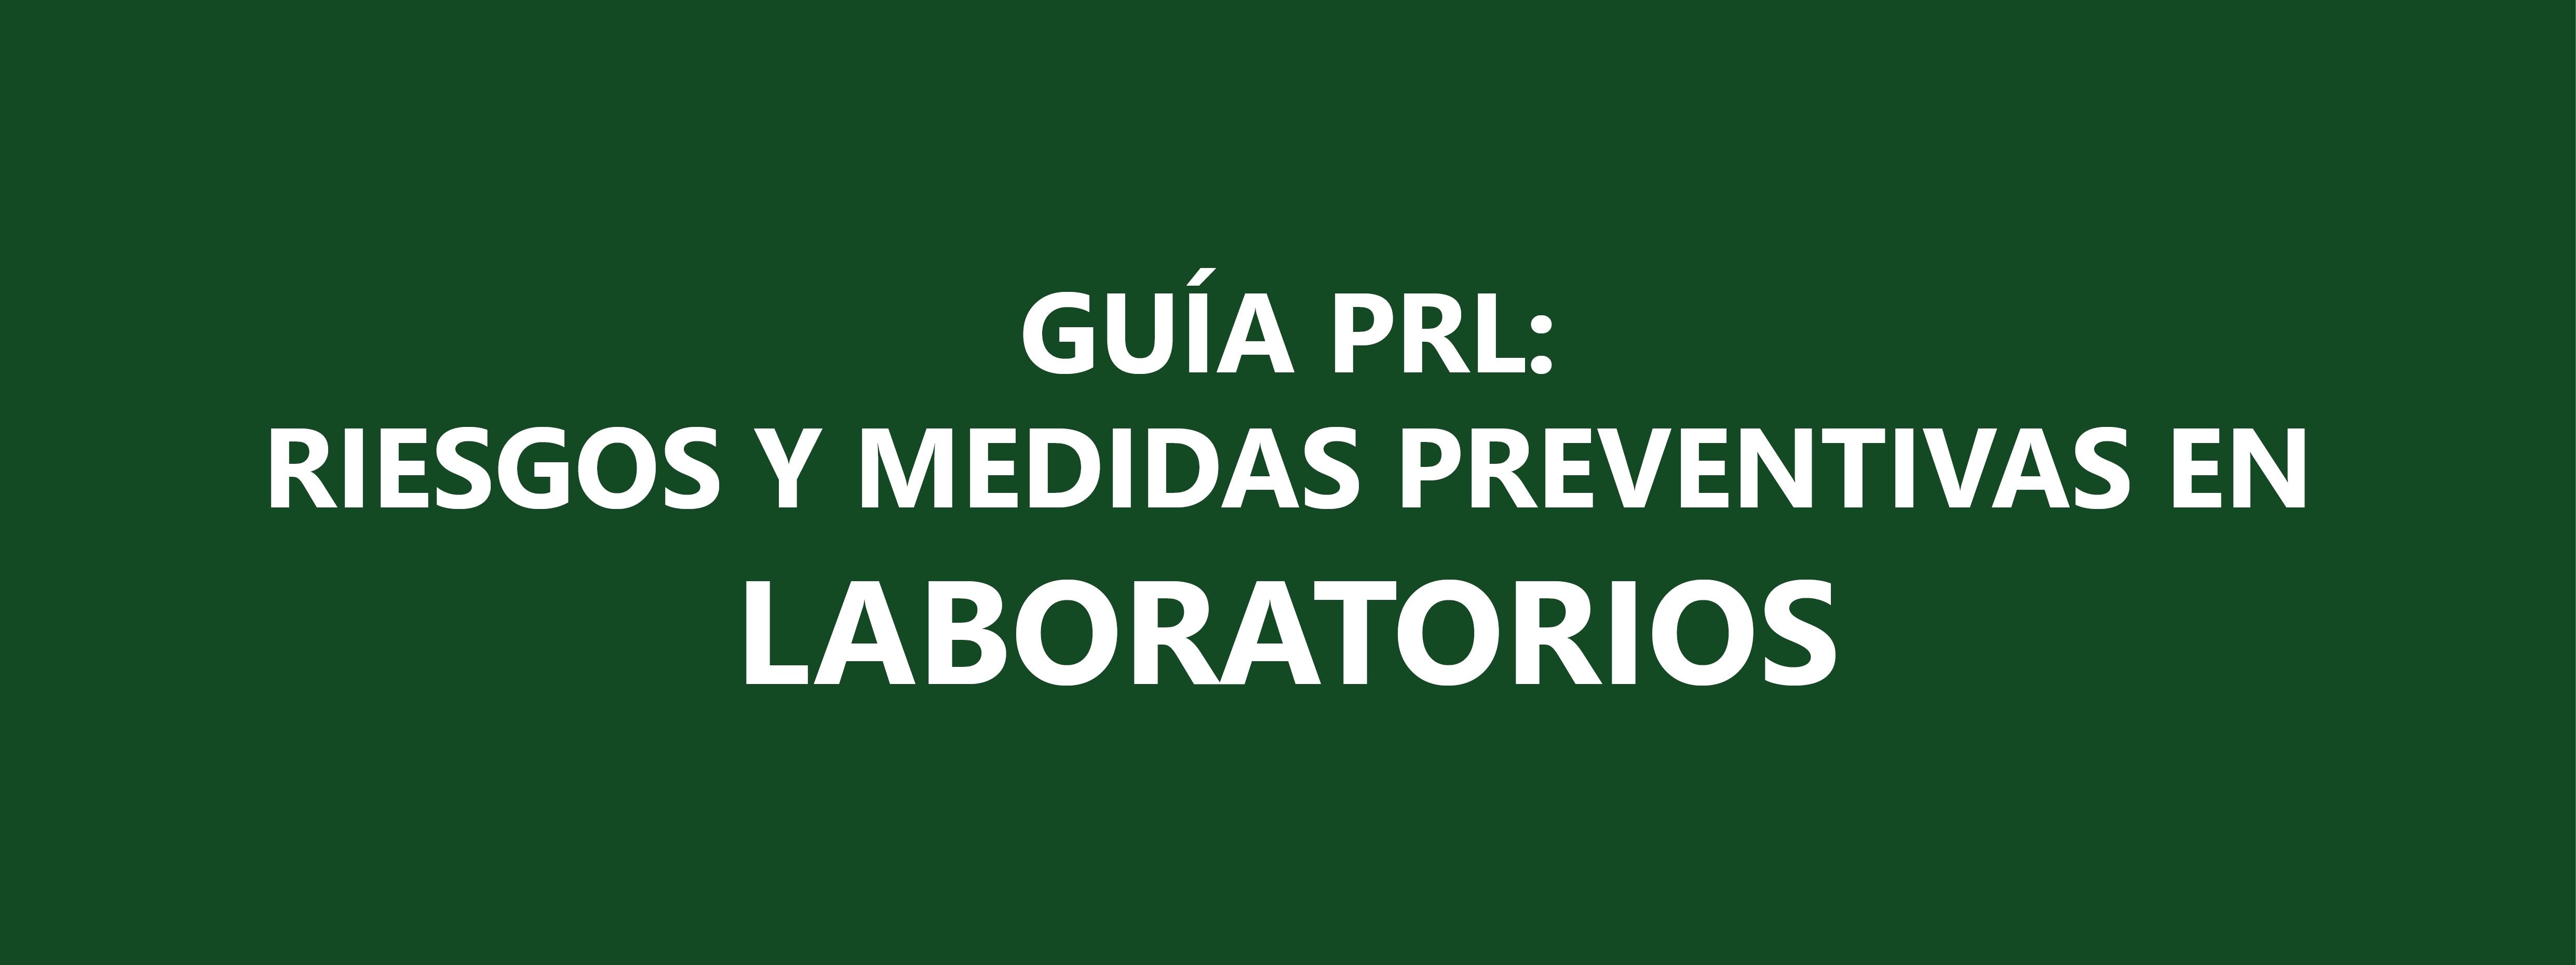 3T 2016 - Riesgos y medidas preventivas en laboratorios - copia